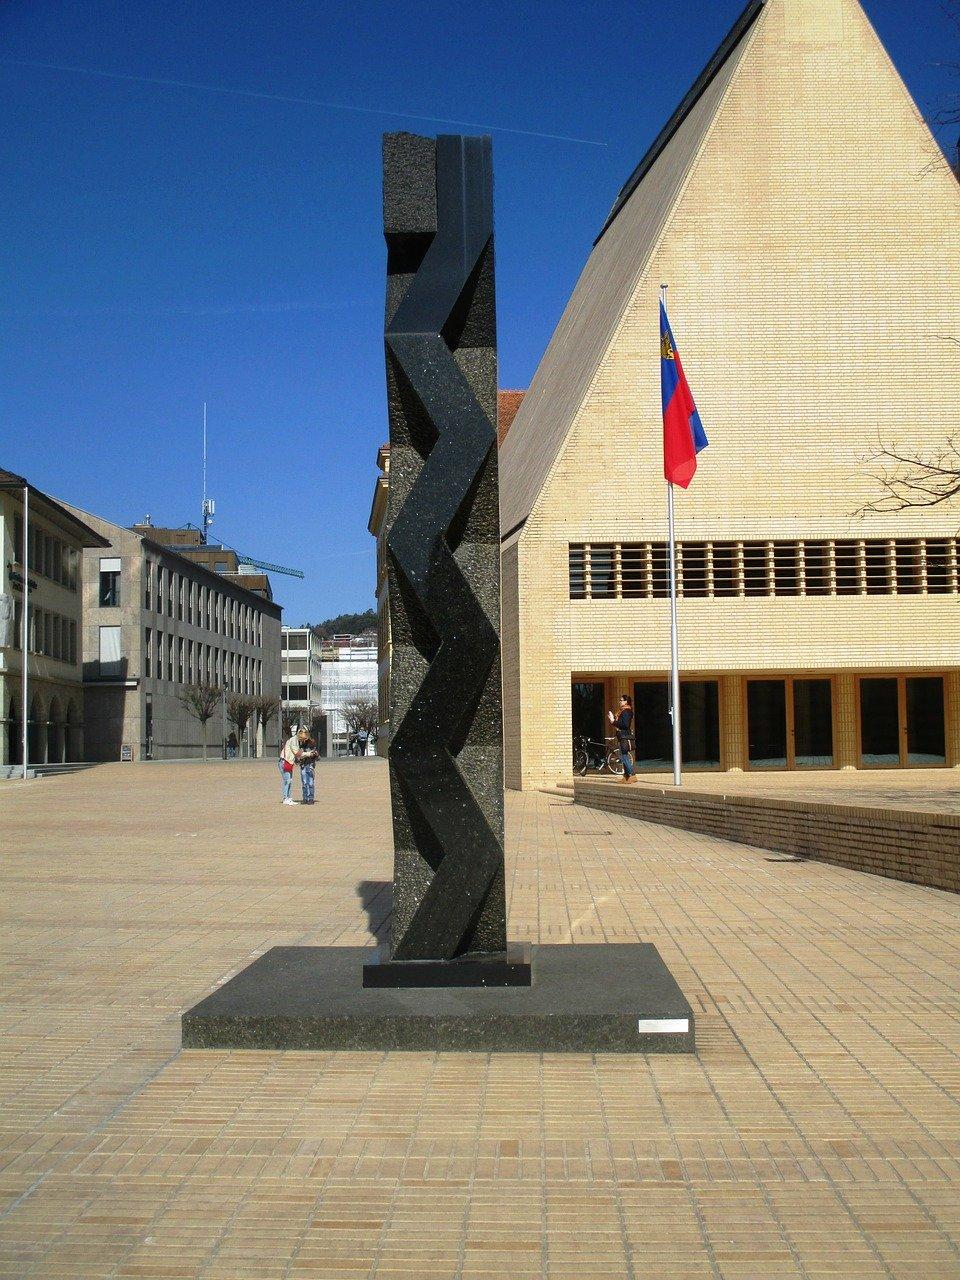 Vaduz Tourism Center